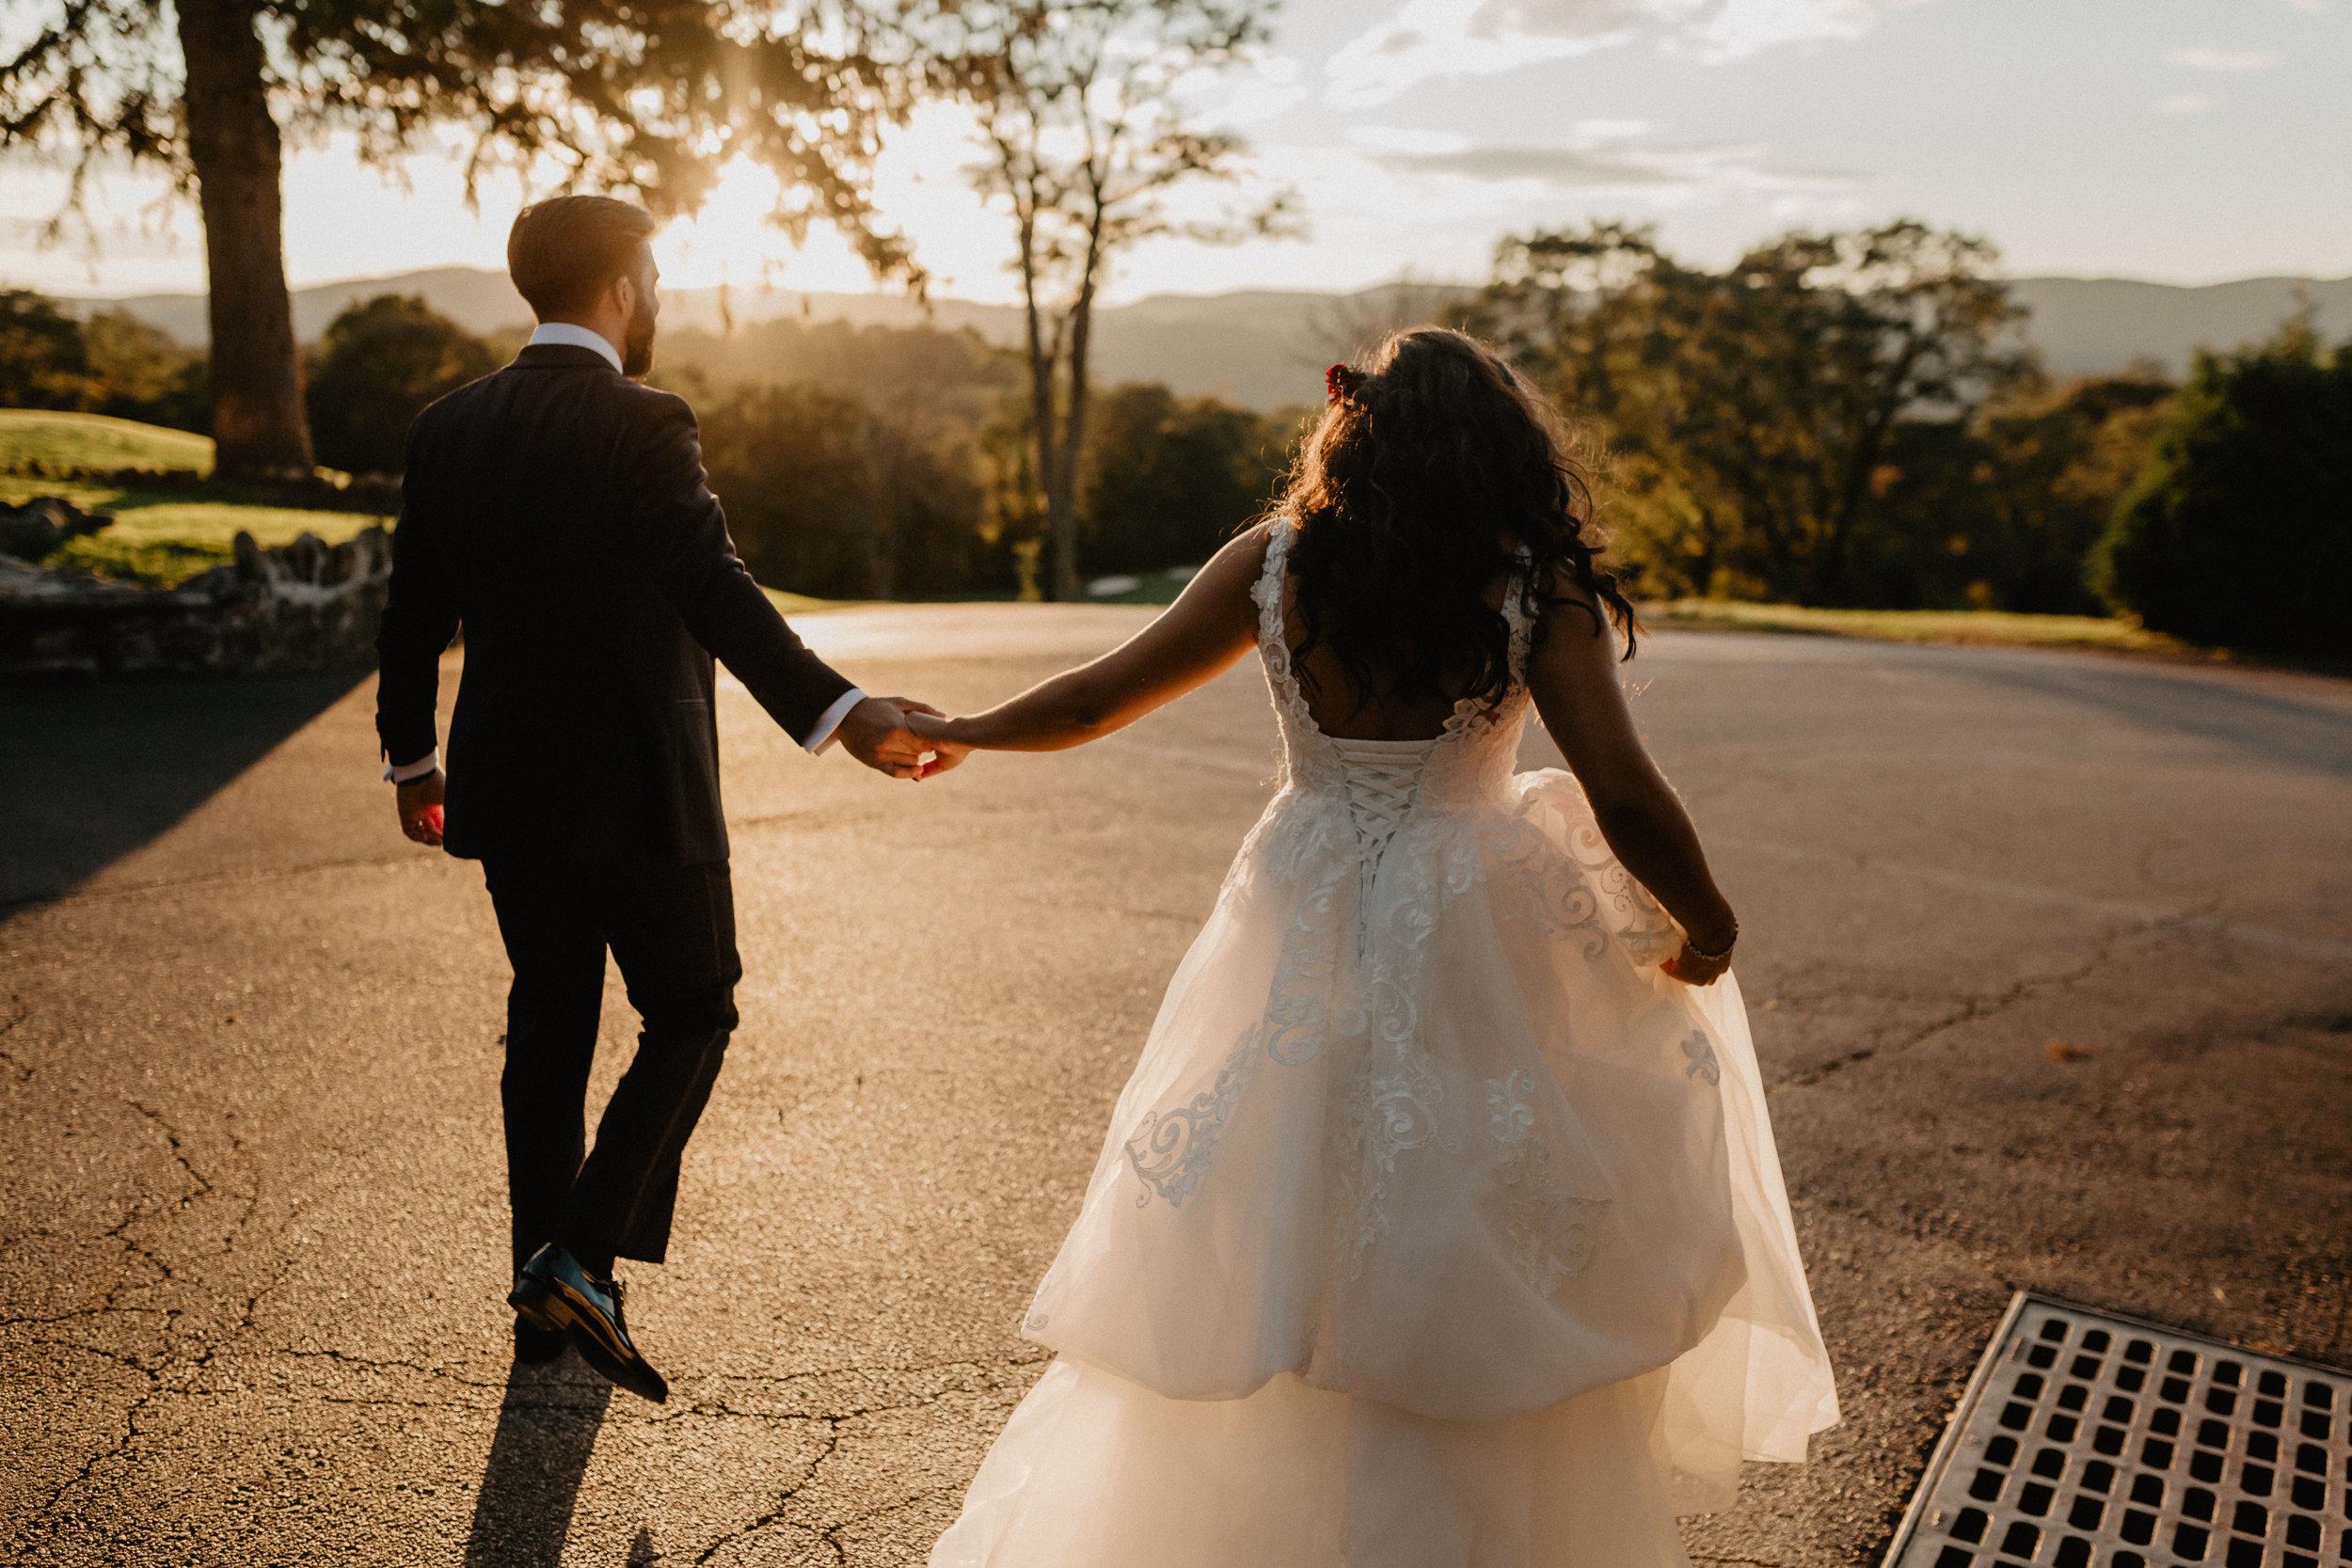 garrison_wedding_photos_065.jpg